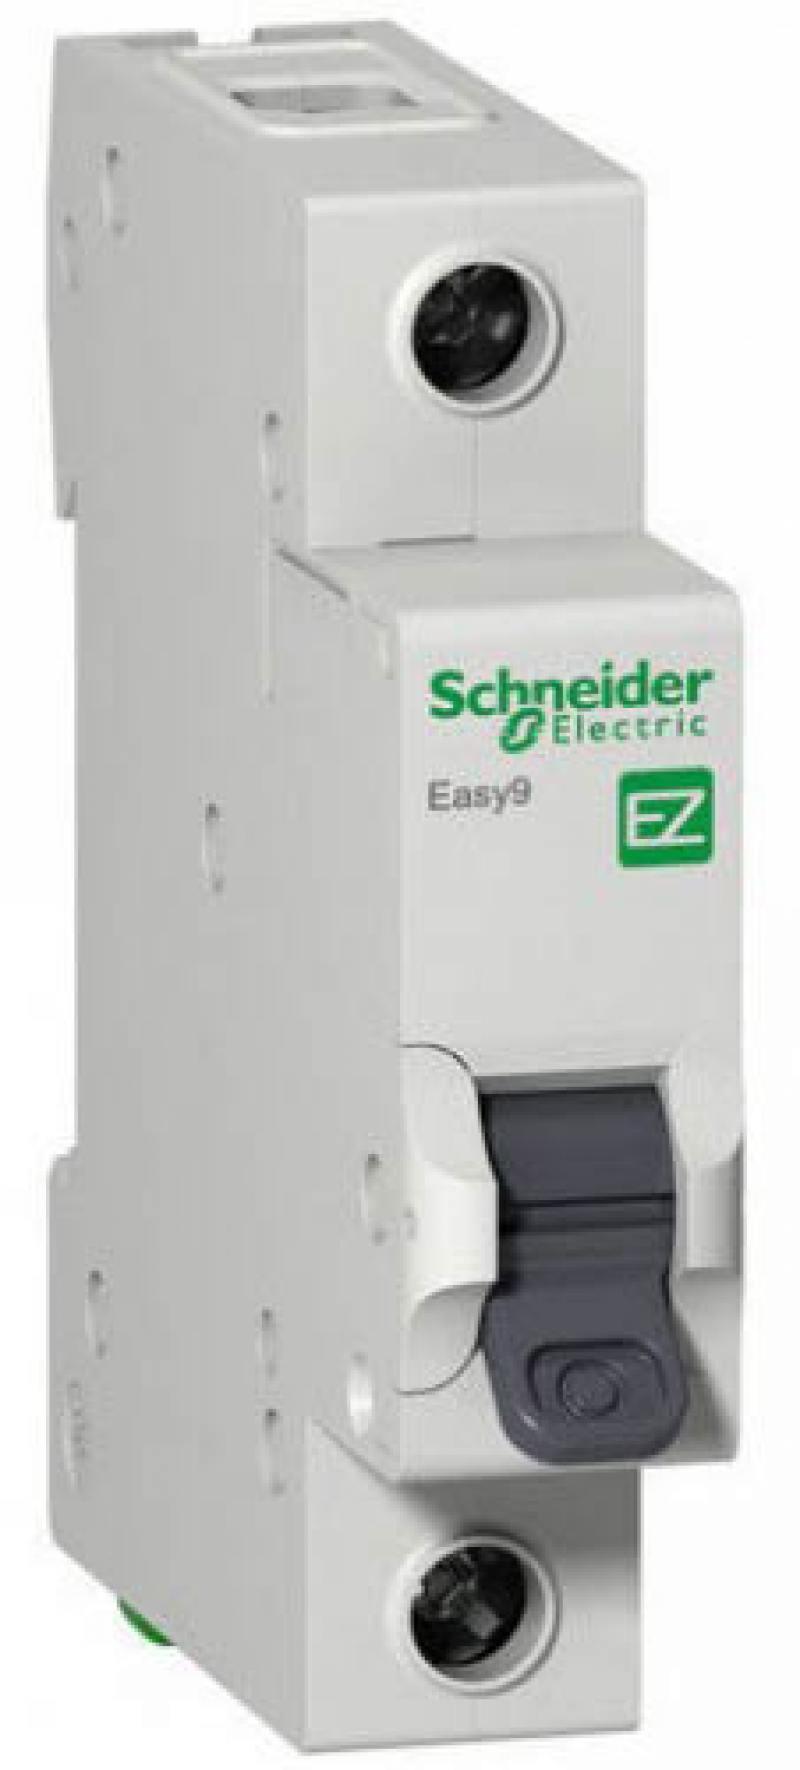 Автоматический выключатель Schneider Electric EASY 9 1П 63A C EZ9F34163 автоматический модульный выключатель easy 9 1п c 16а 4 5ка schneider electric ez9f34116